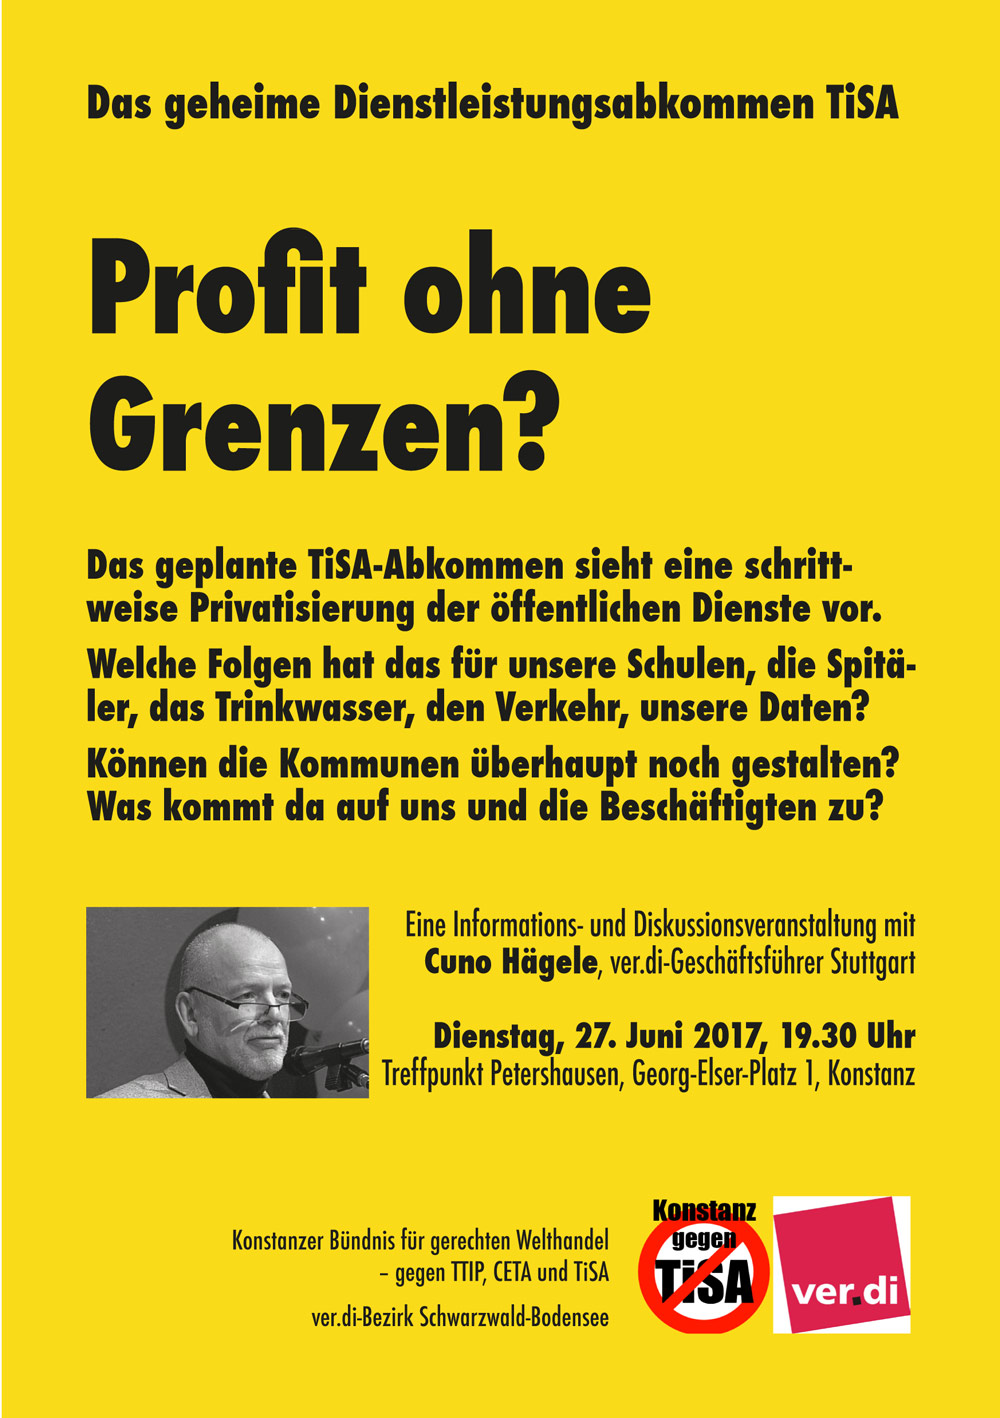 170627_TiSA_Haegele_A5_gelb